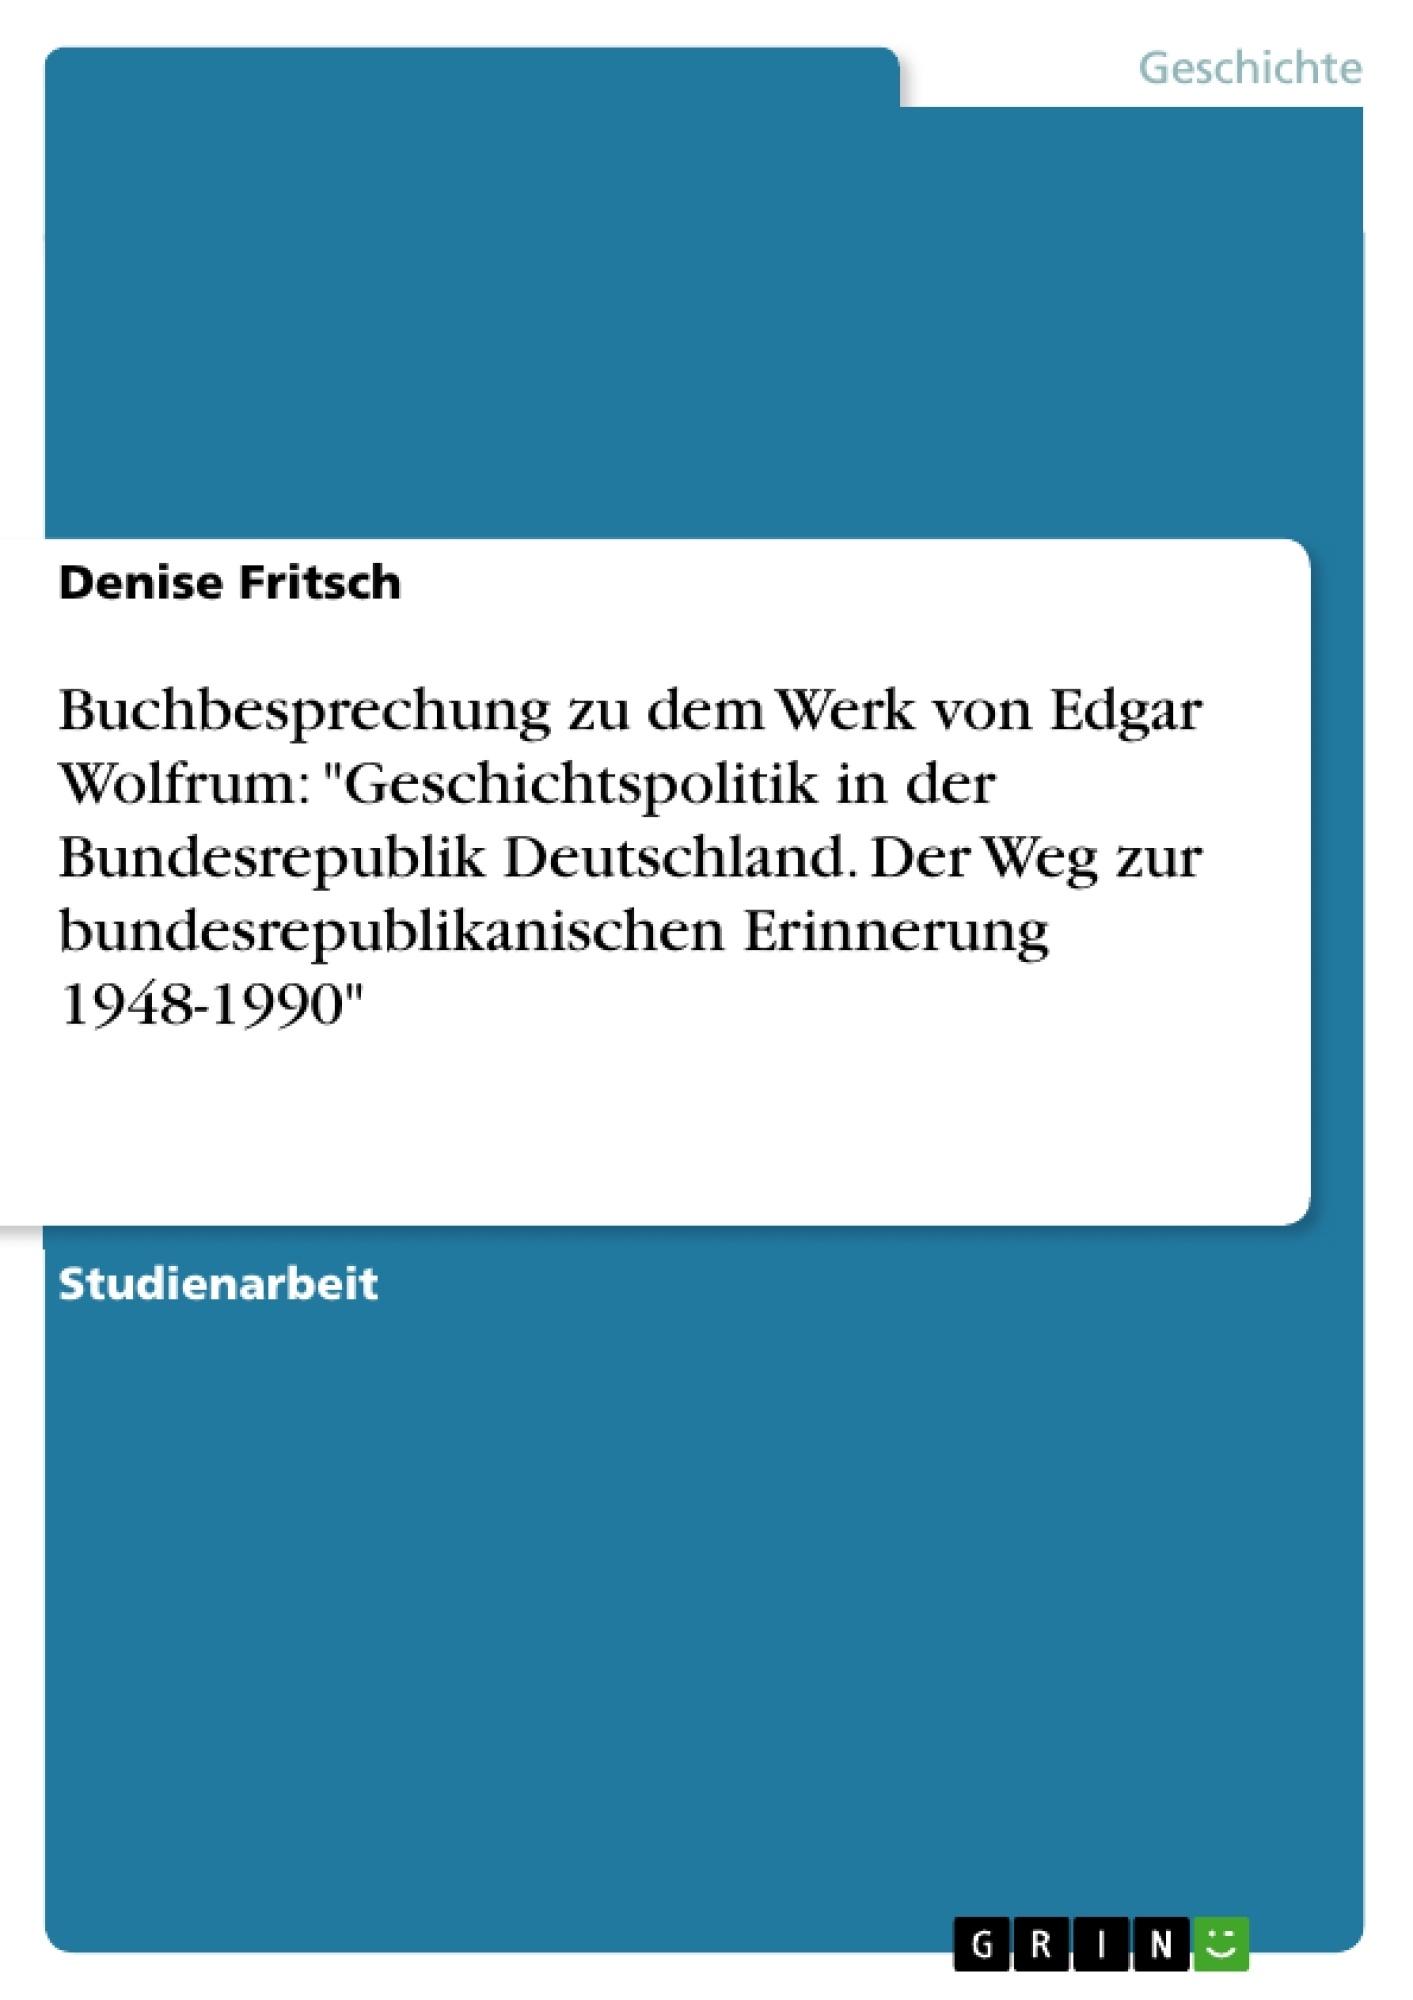 """Titel: Buchbesprechung zu dem Werk von  Edgar Wolfrum: """"Geschichtspolitik in der Bundesrepublik Deutschland. Der Weg zur bundesrepublikanischen Erinnerung 1948-1990"""""""